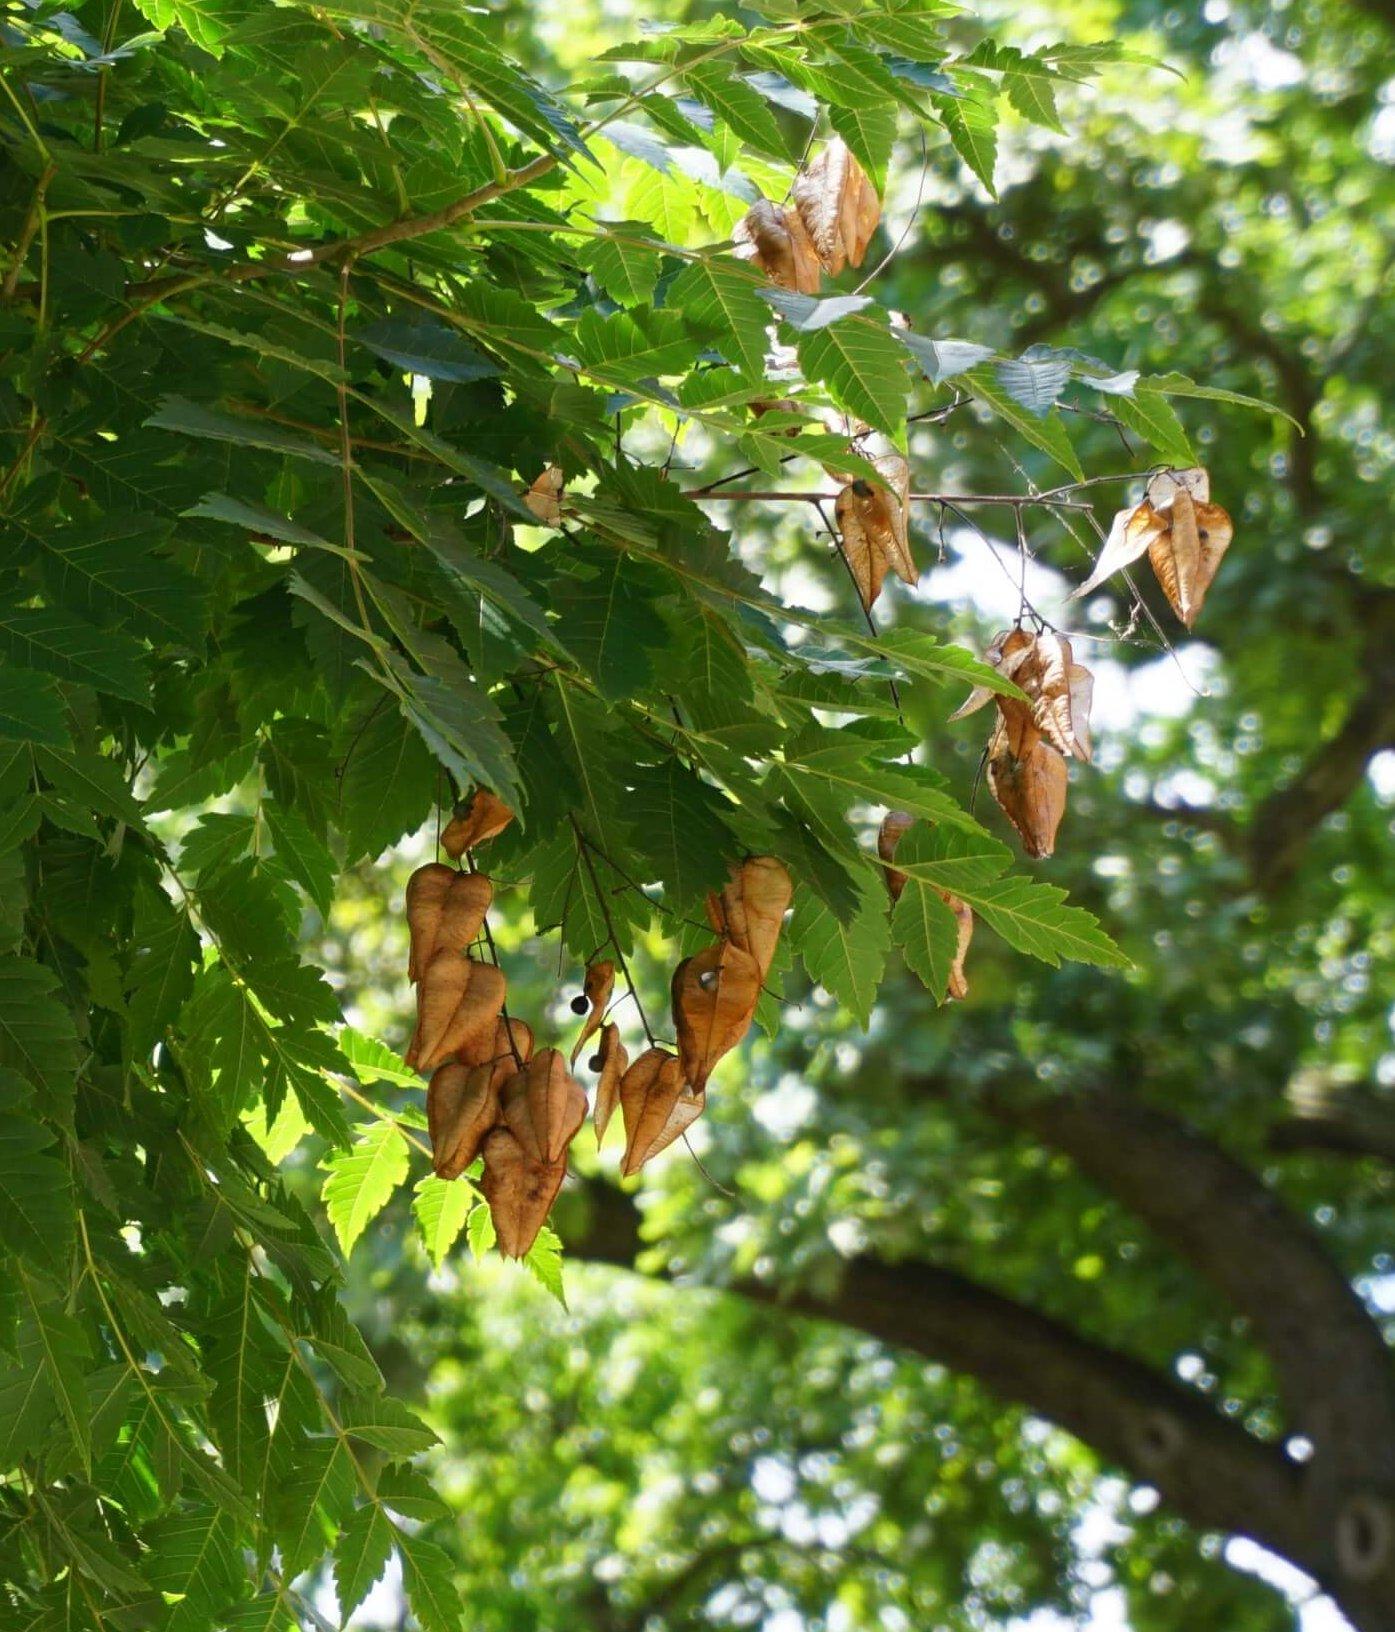 Das Bild zeigt die vorjährigen Fruchtkapseln in den äußeren Kronenbereichen einer Blasenesche. Diese Kapseln erinnern in ihrer Form an Lampions. Die braunen, dünnen, papierartigen Wände enthalten drei schwarze, erbsengroße Samen.